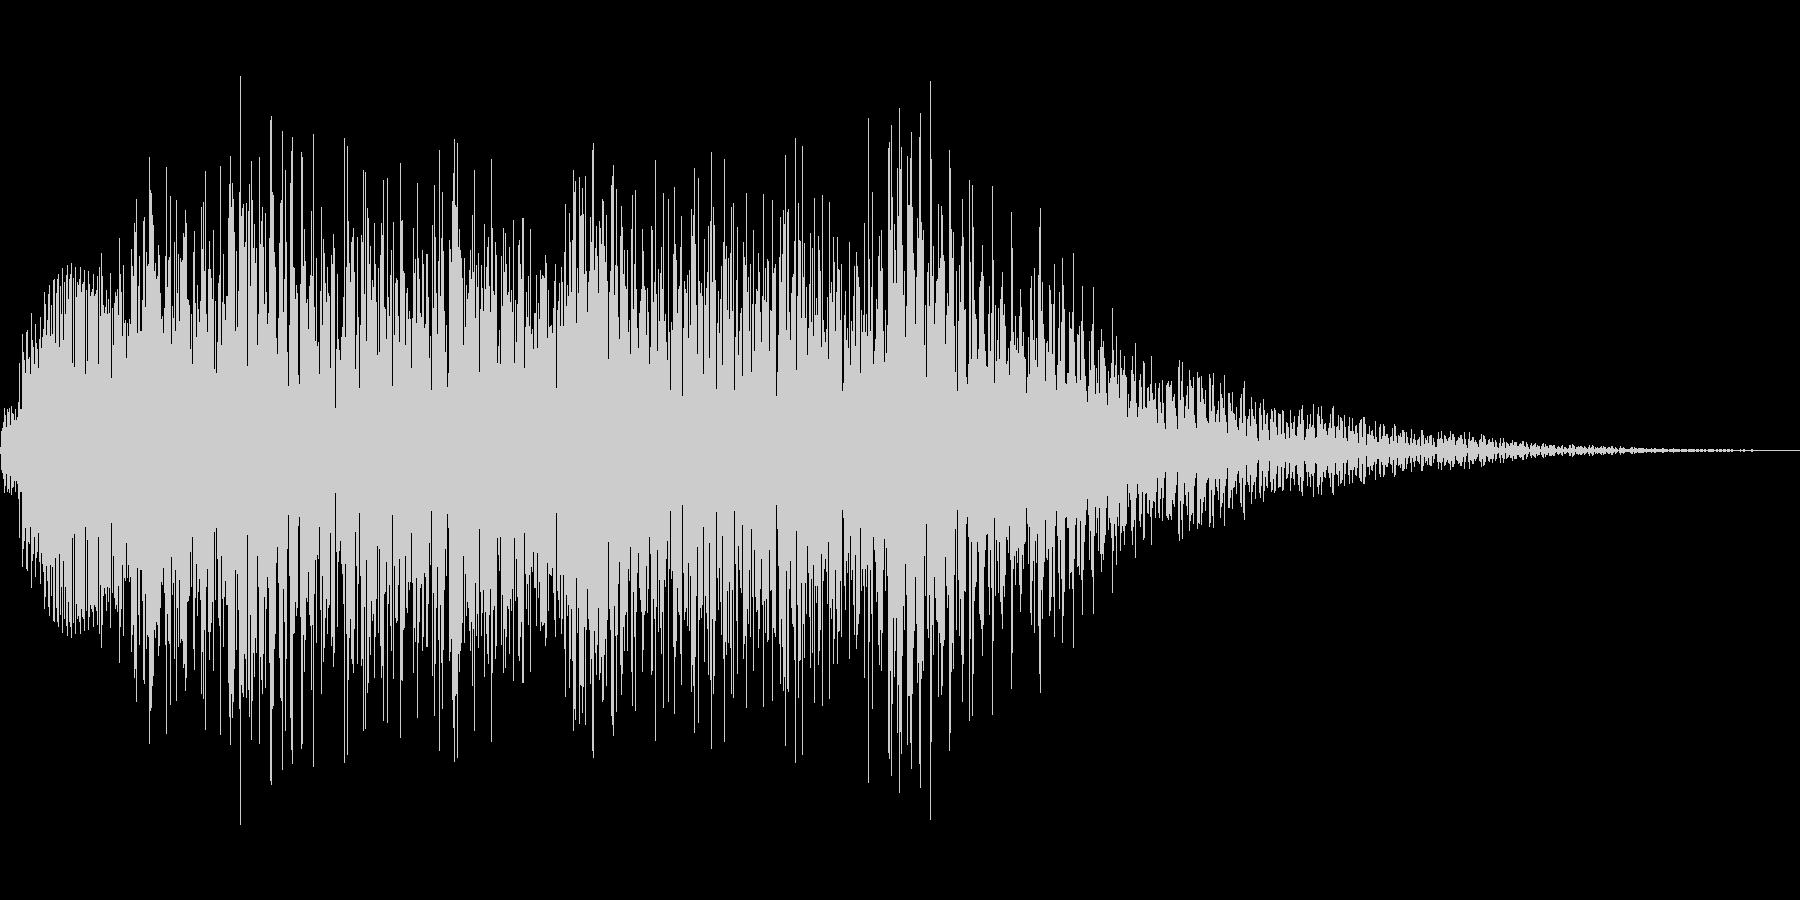 木琴アルペジオの未再生の波形